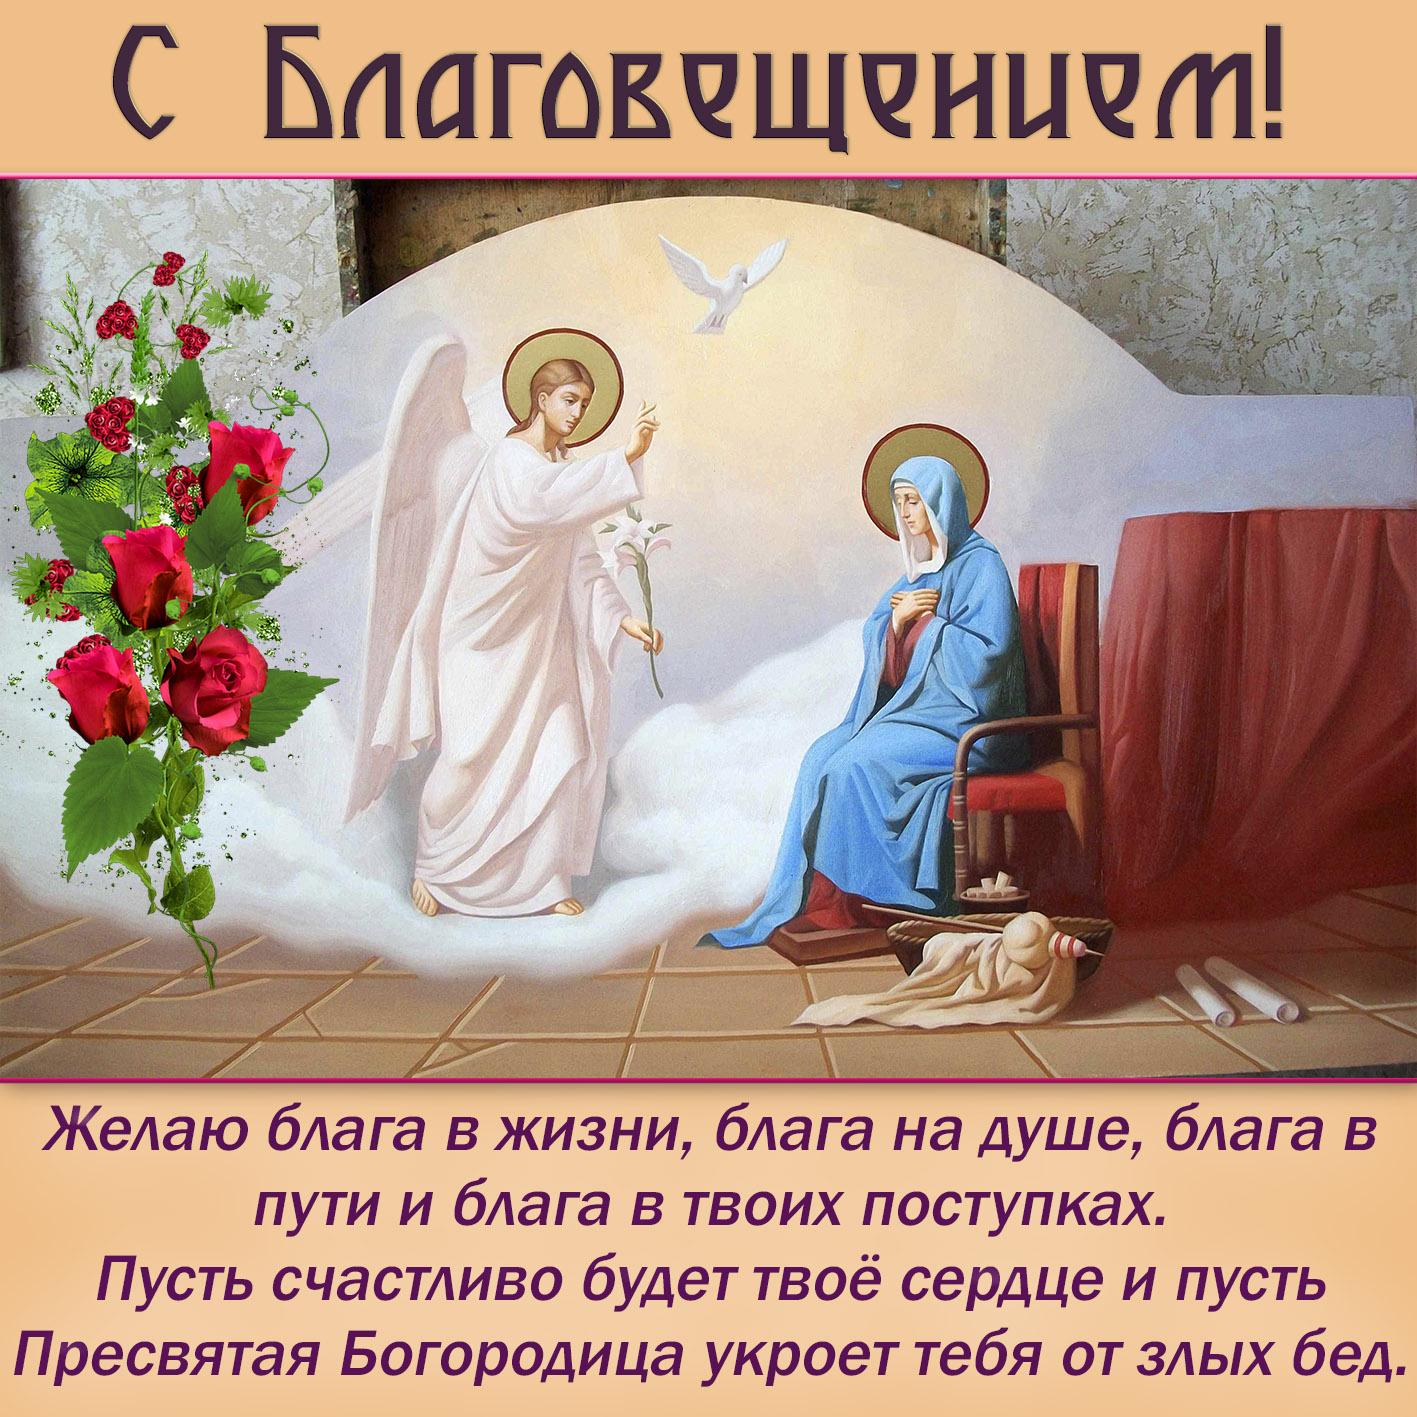 Картинка с пожеланием на Благовещение